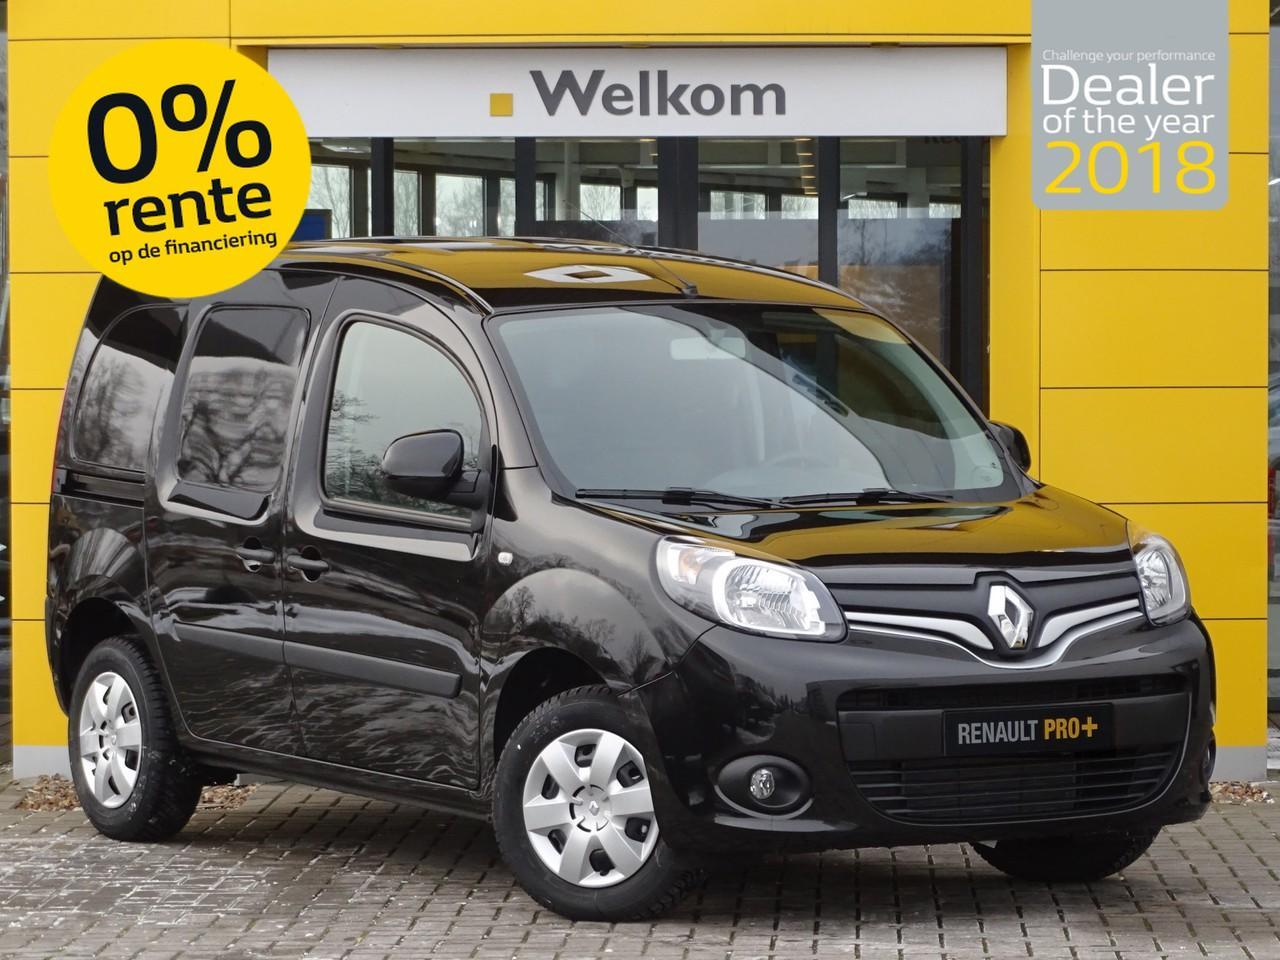 Renault Kangoo 1.5 dci 90pk work edition normaal rijklaar 17.180,- nu rijklaar 12.995,-